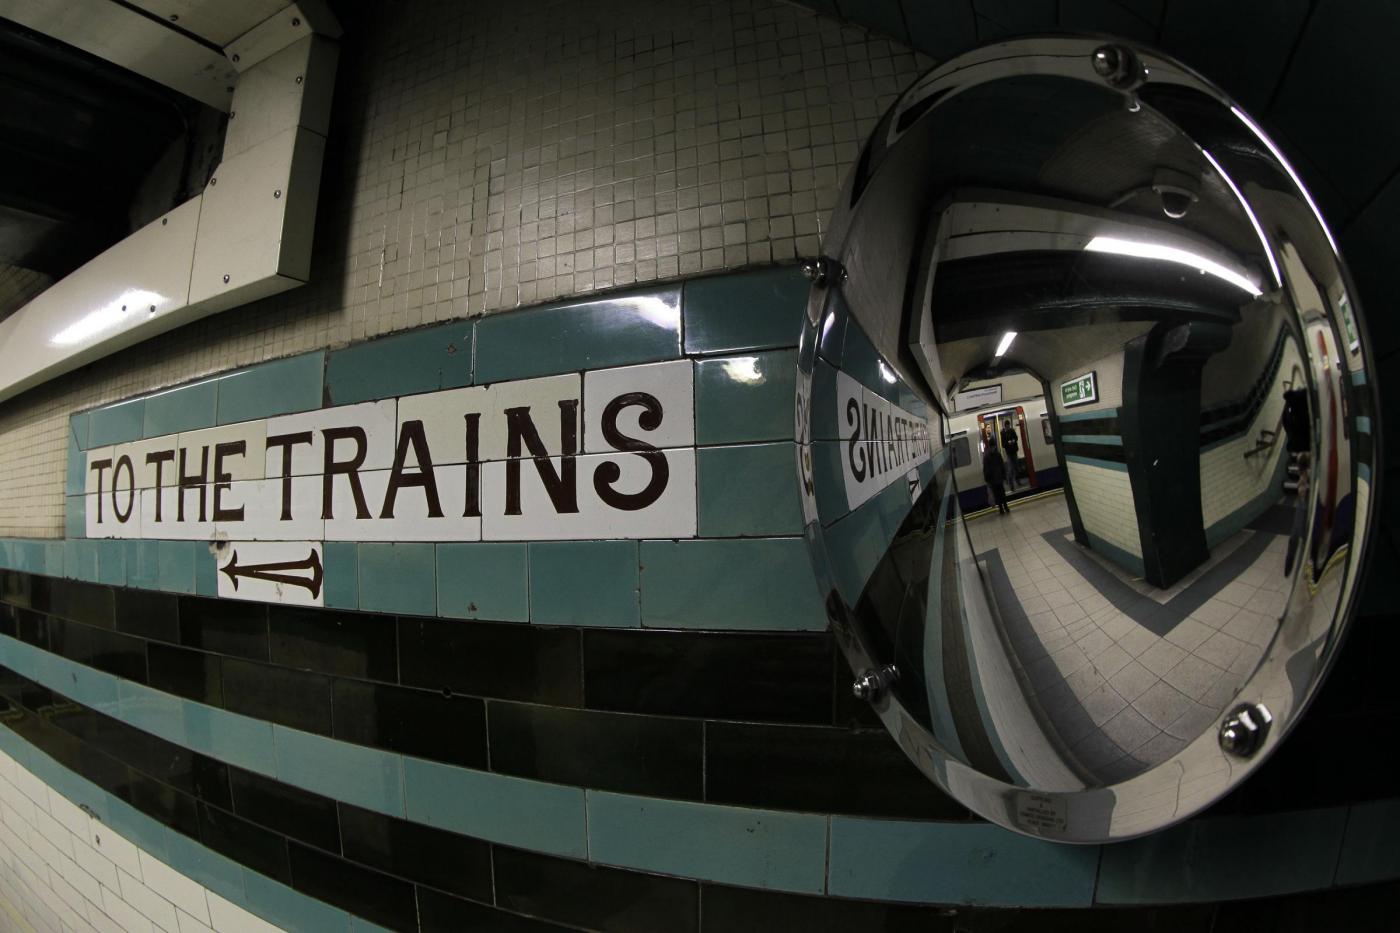 La Metro di Londra compie 150 anni09